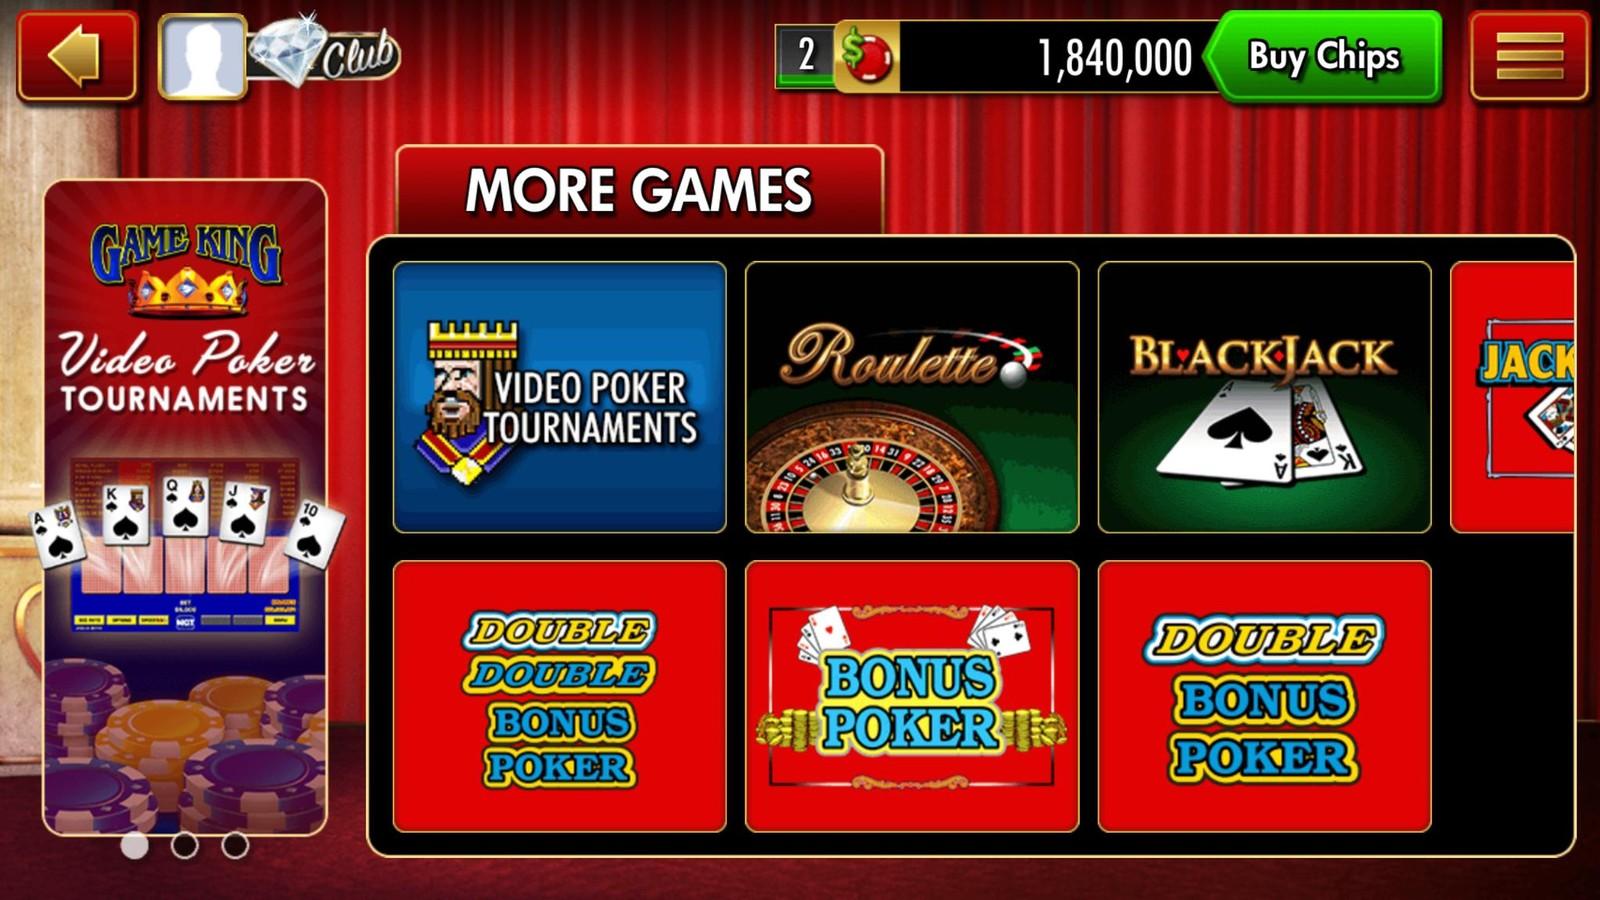 DoubleDown Casino Interface Screenshot